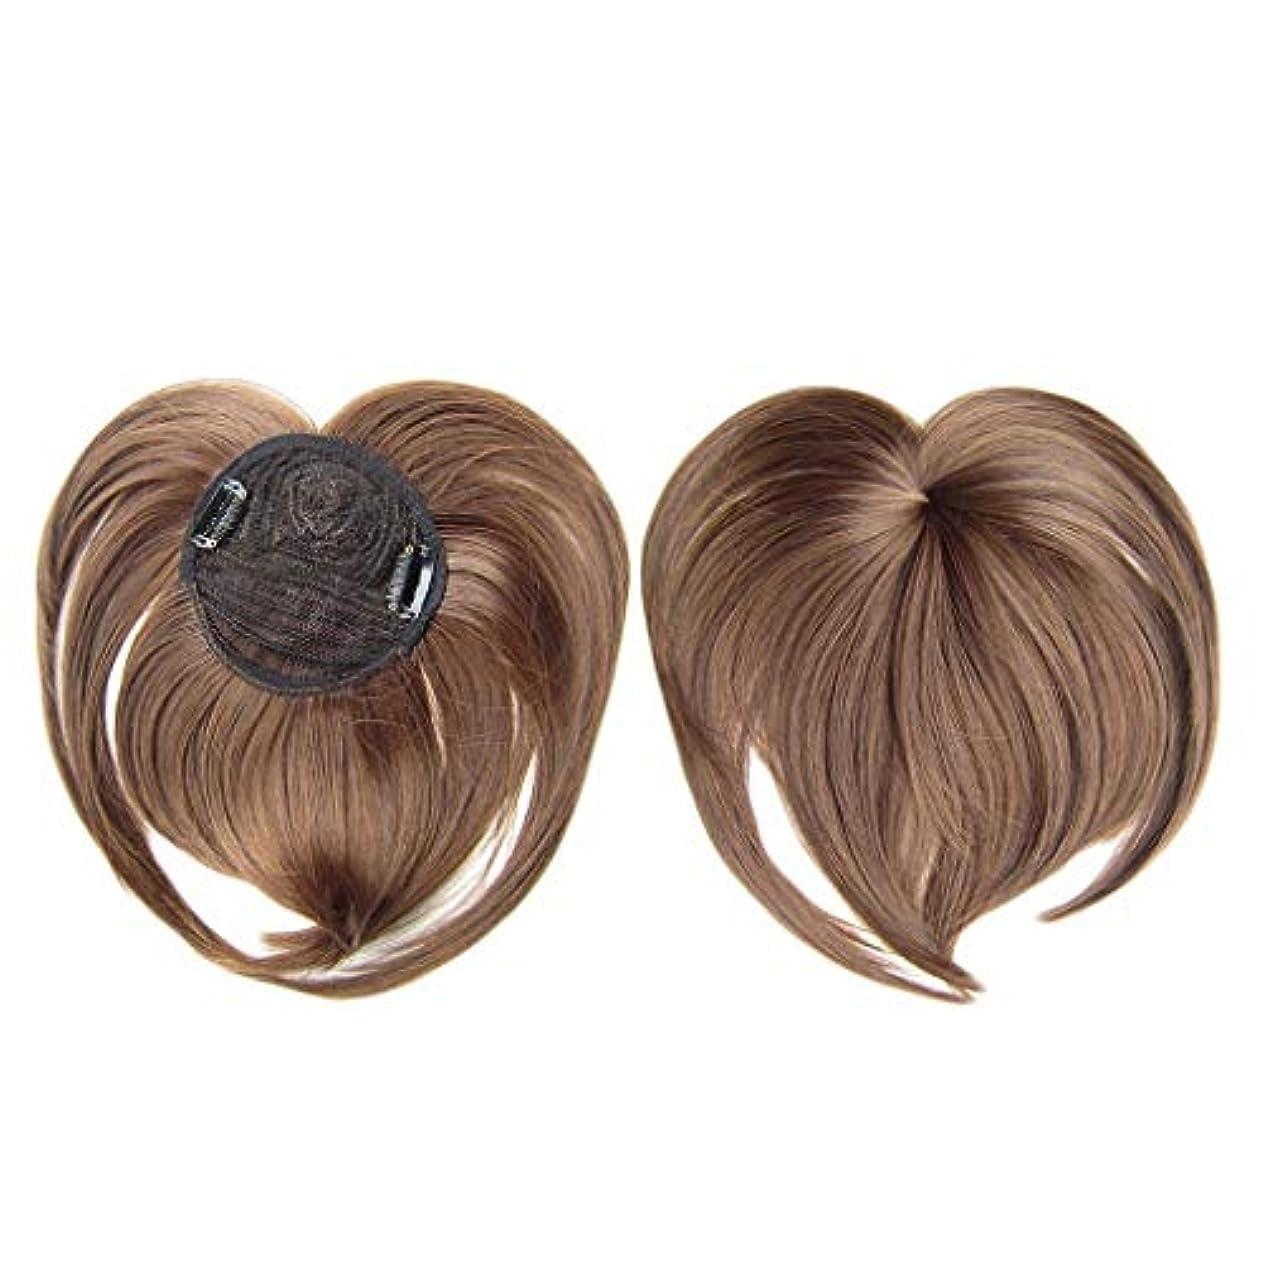 抵抗たとえリングレットJun® 女性の絹のようなクリップオンヘアトッパーウィッグ耐熱ファイバーウィッグファッションヘアウィッグ (G)